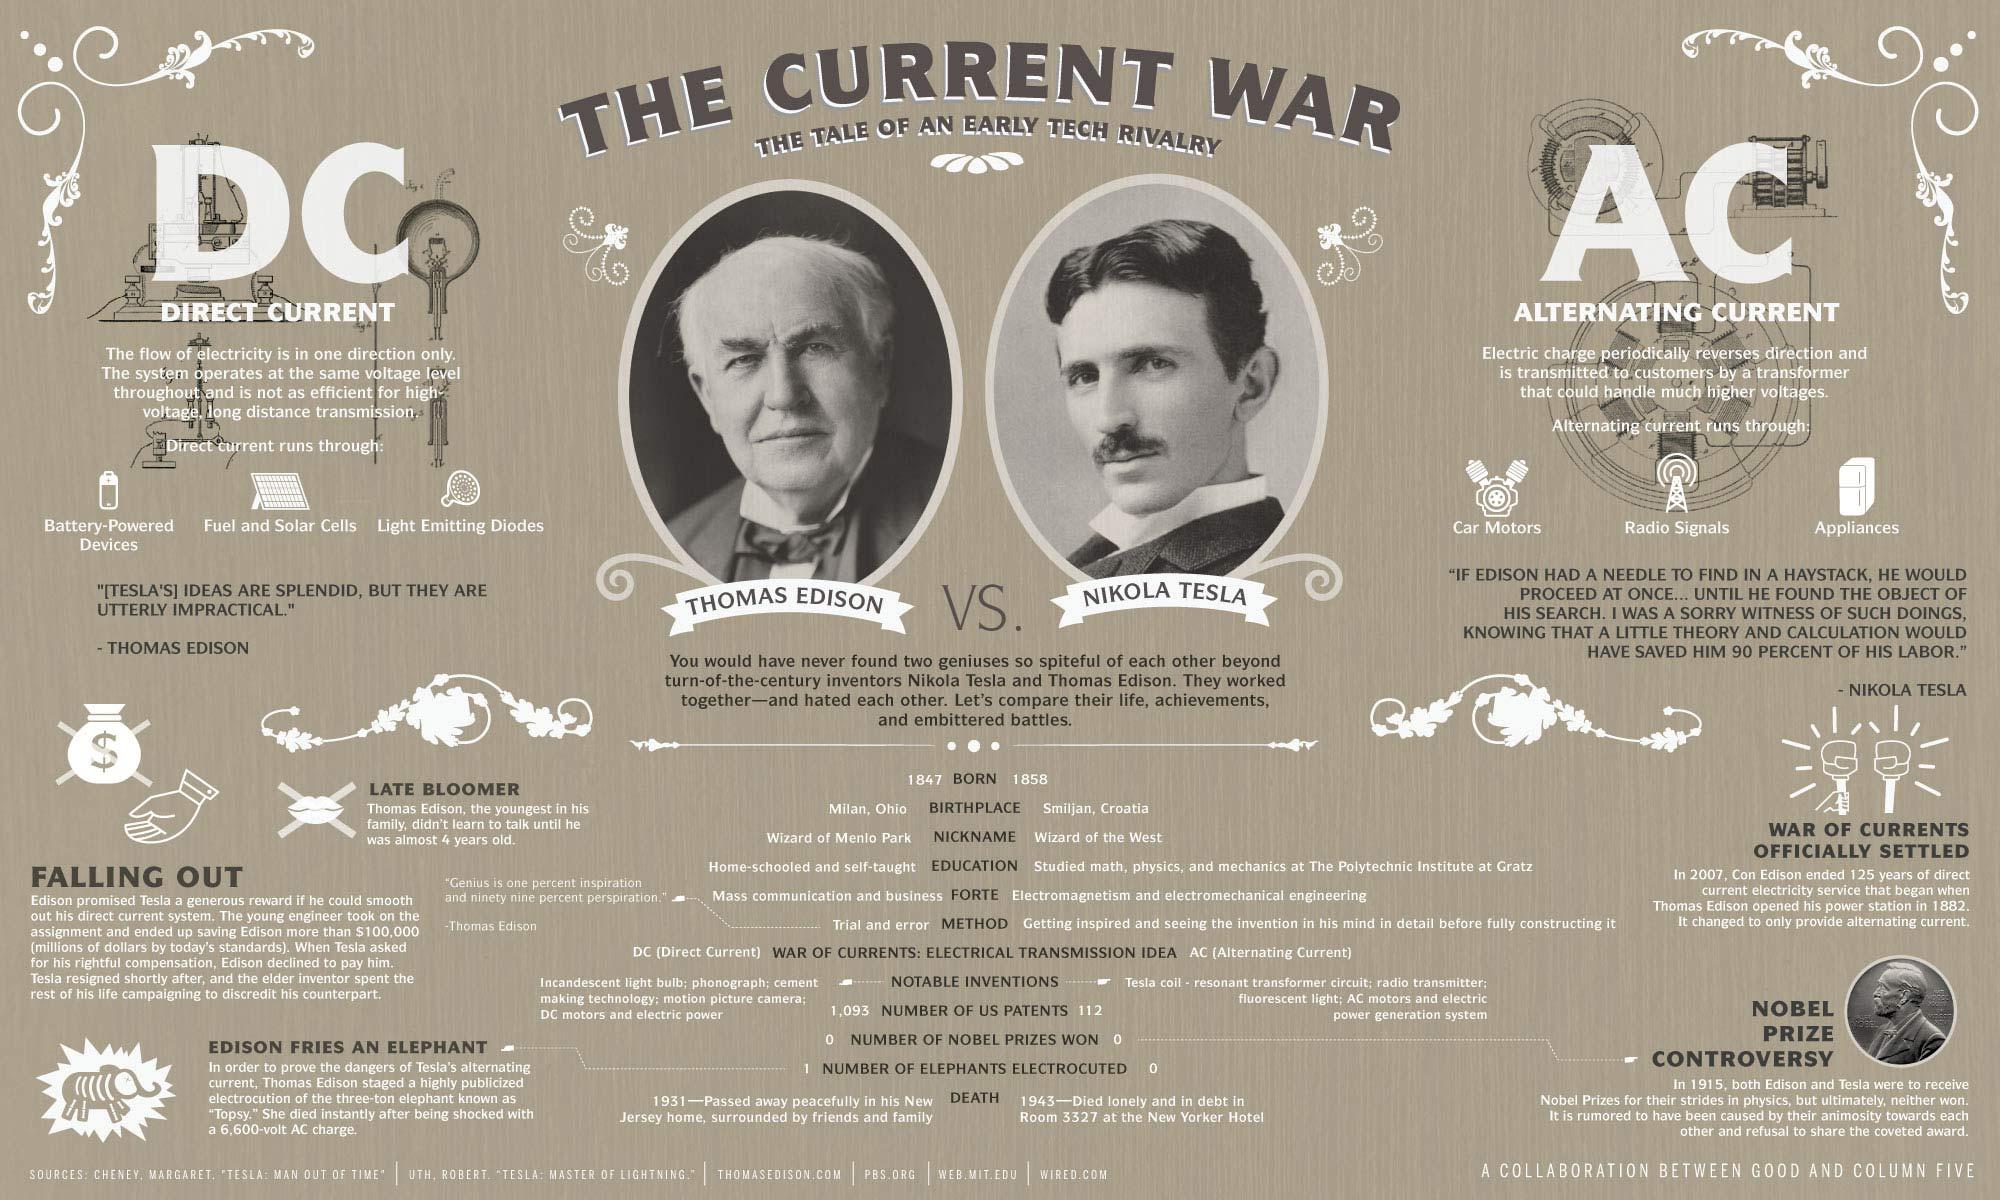 Thomas Edison vs. Nikola Tesla